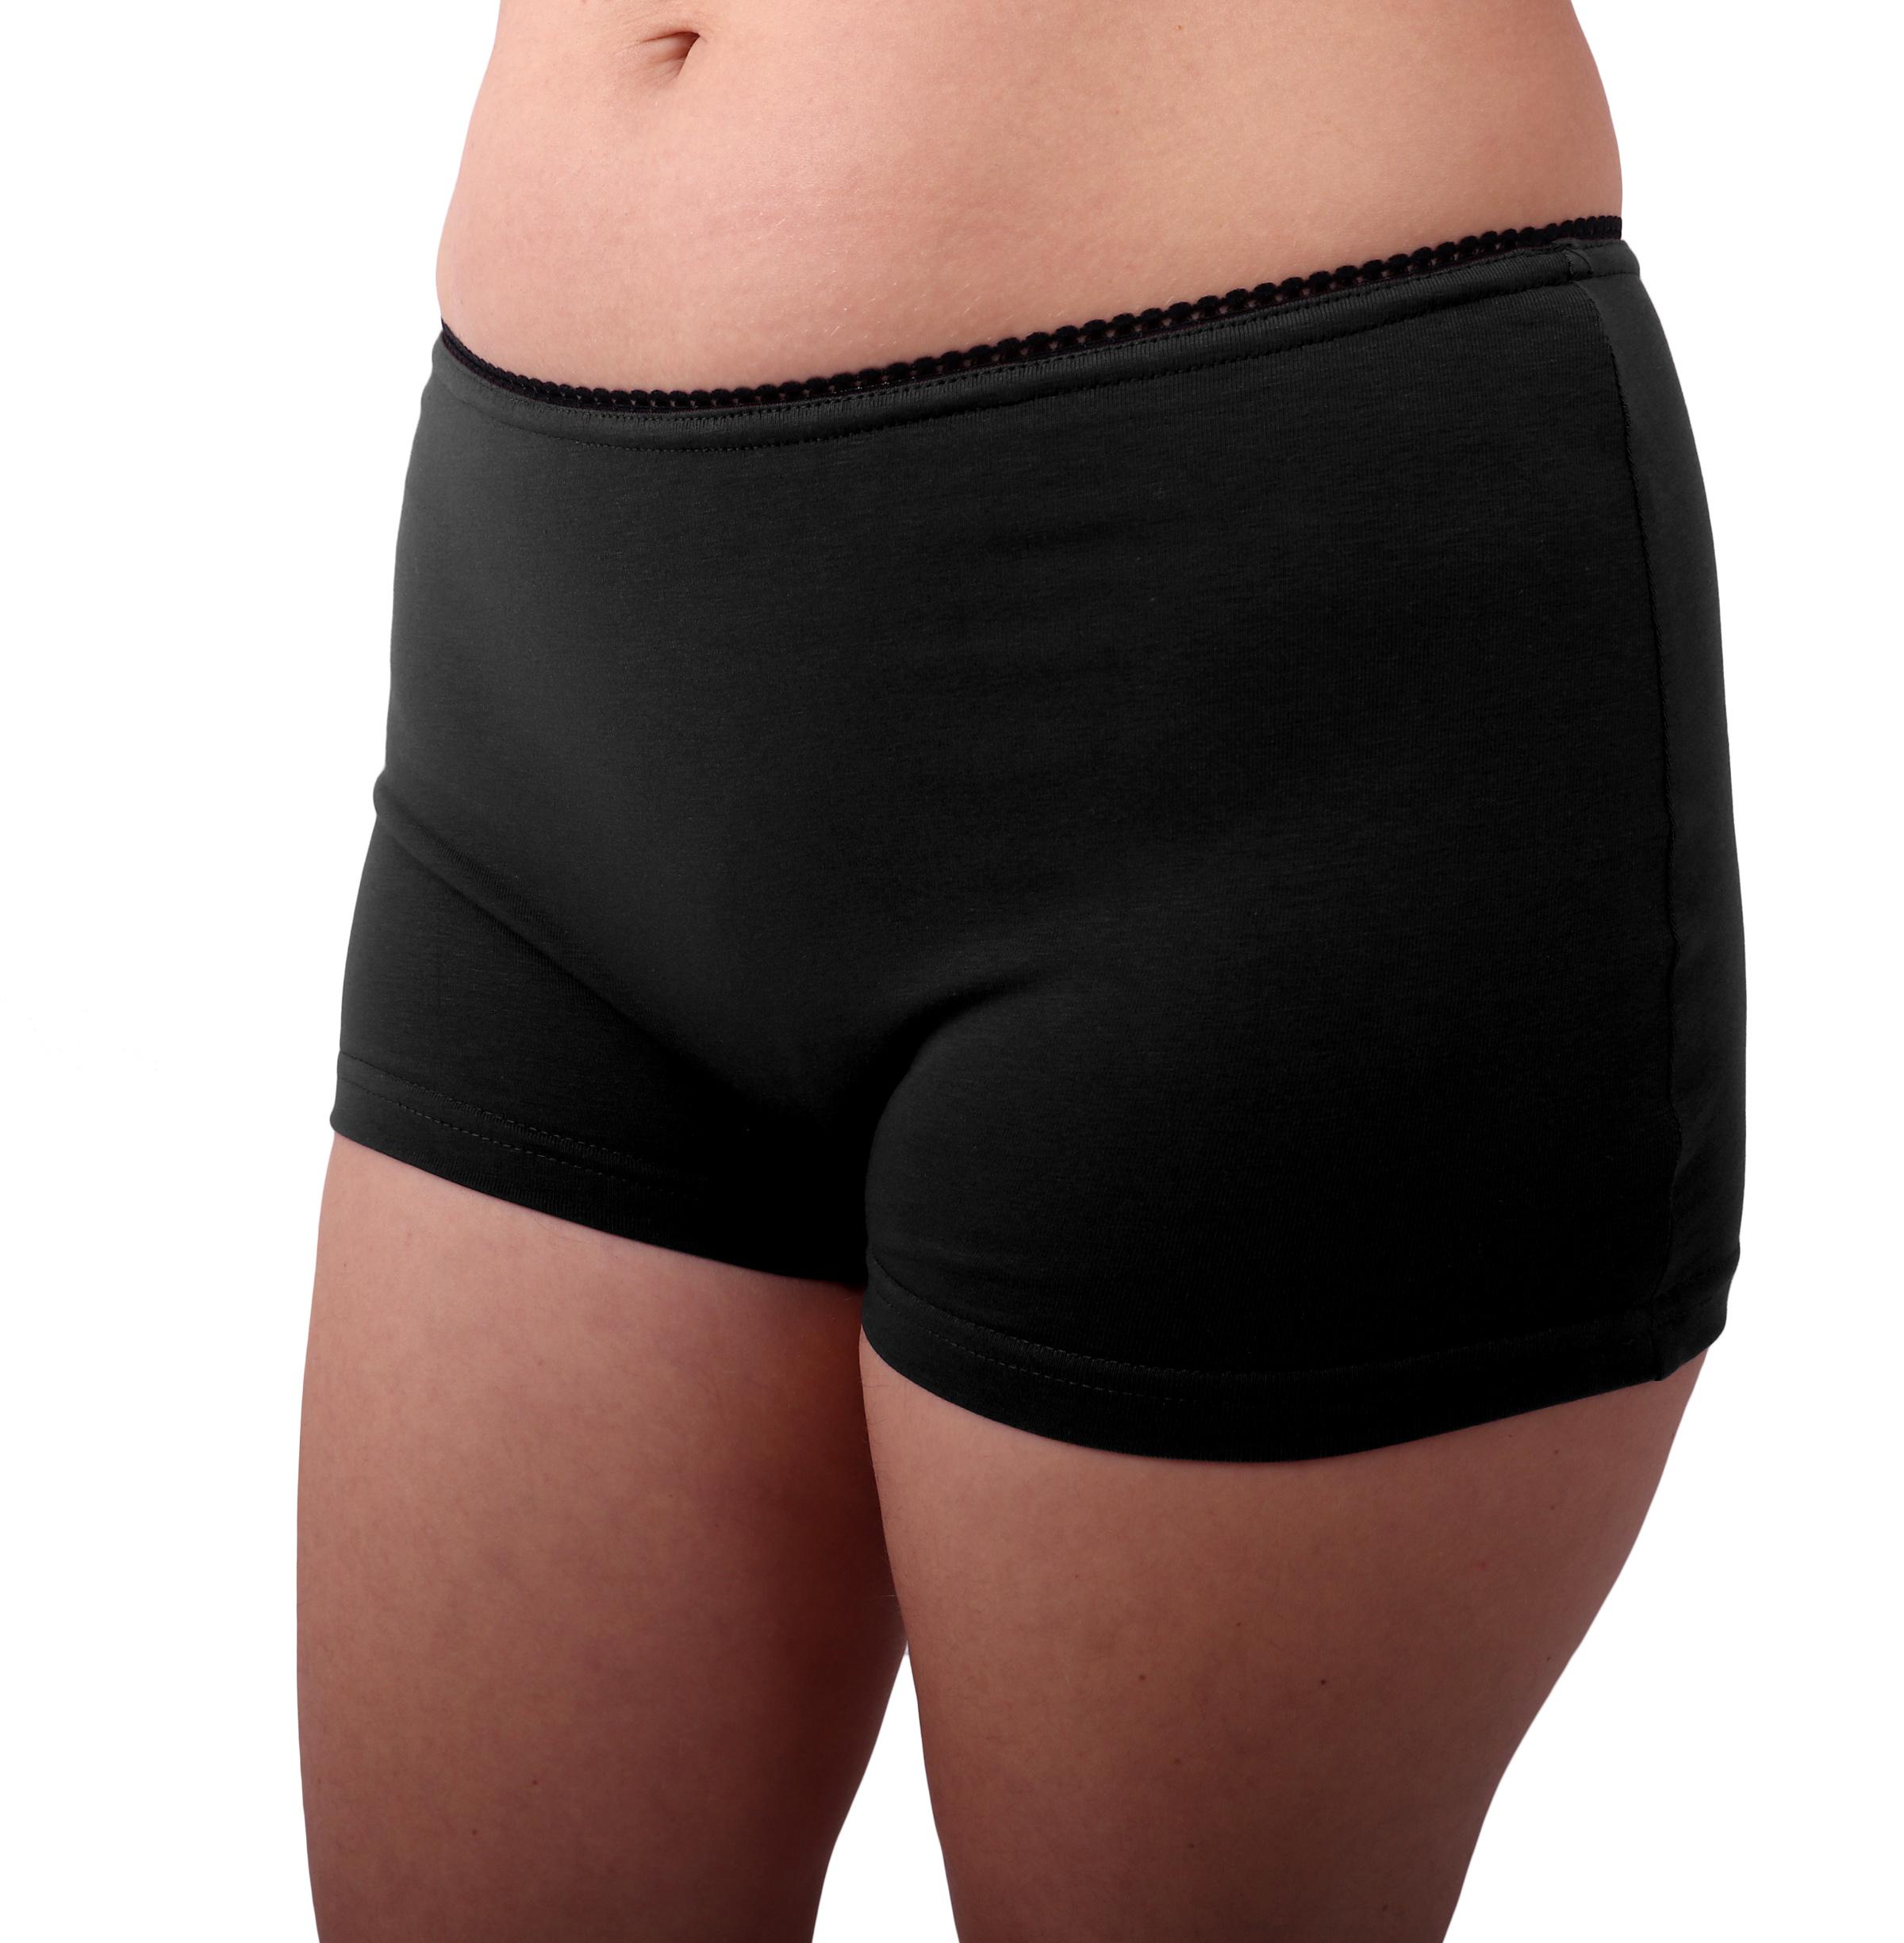 Dámské kalhotky bavlněné, nohavičkové, černé, 48